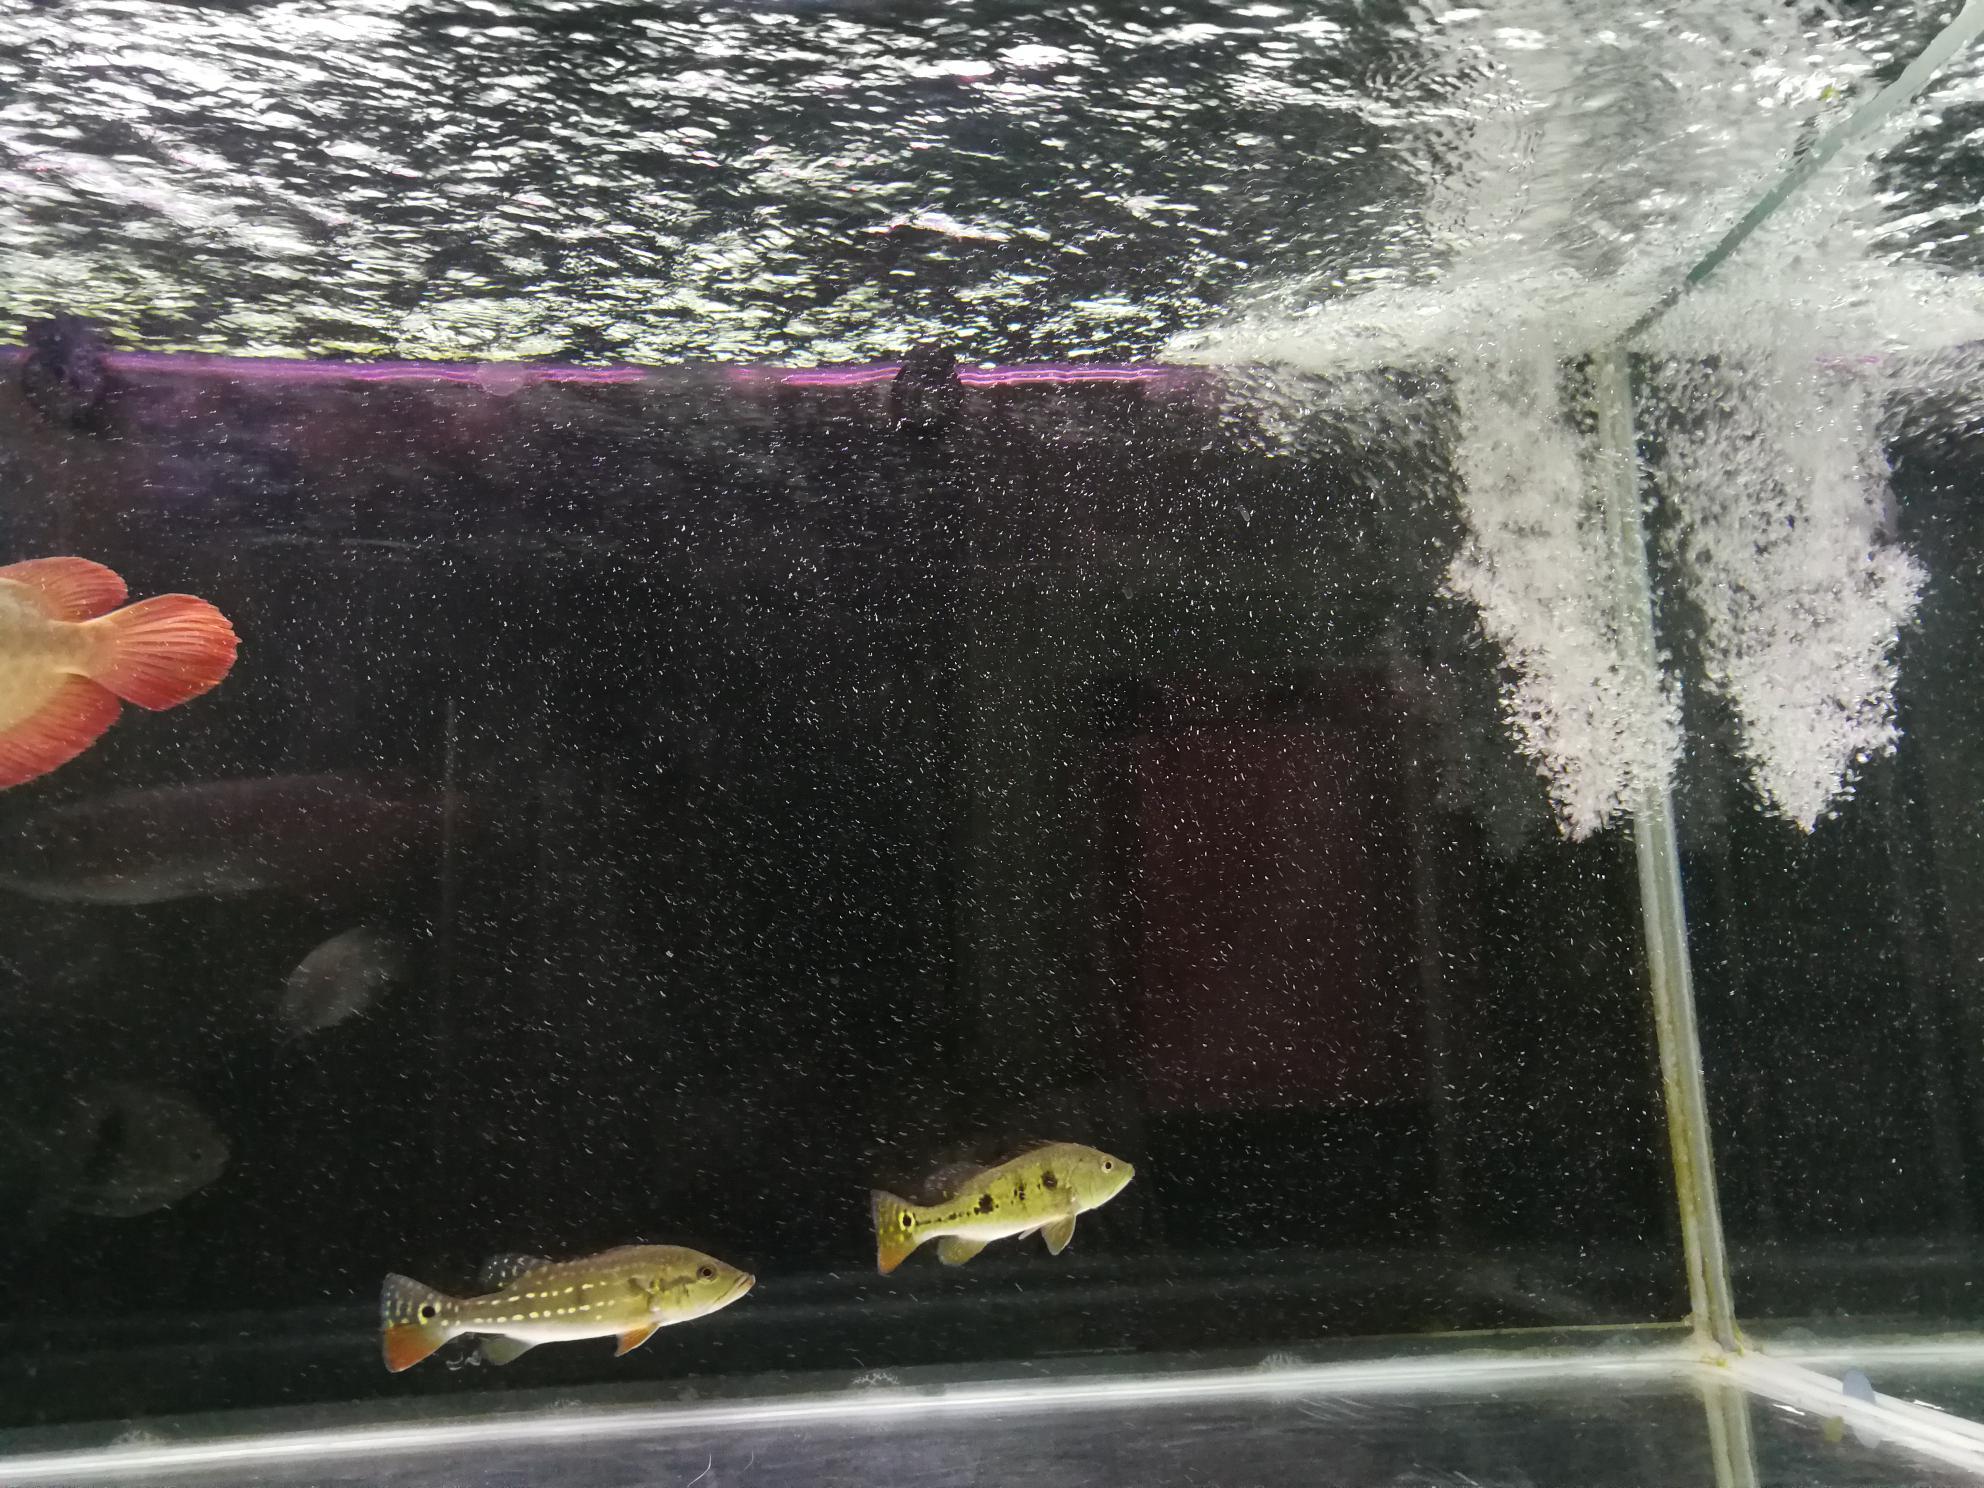 鱼缸里的水有水泡 西安观赏鱼信息 西安博特第7张